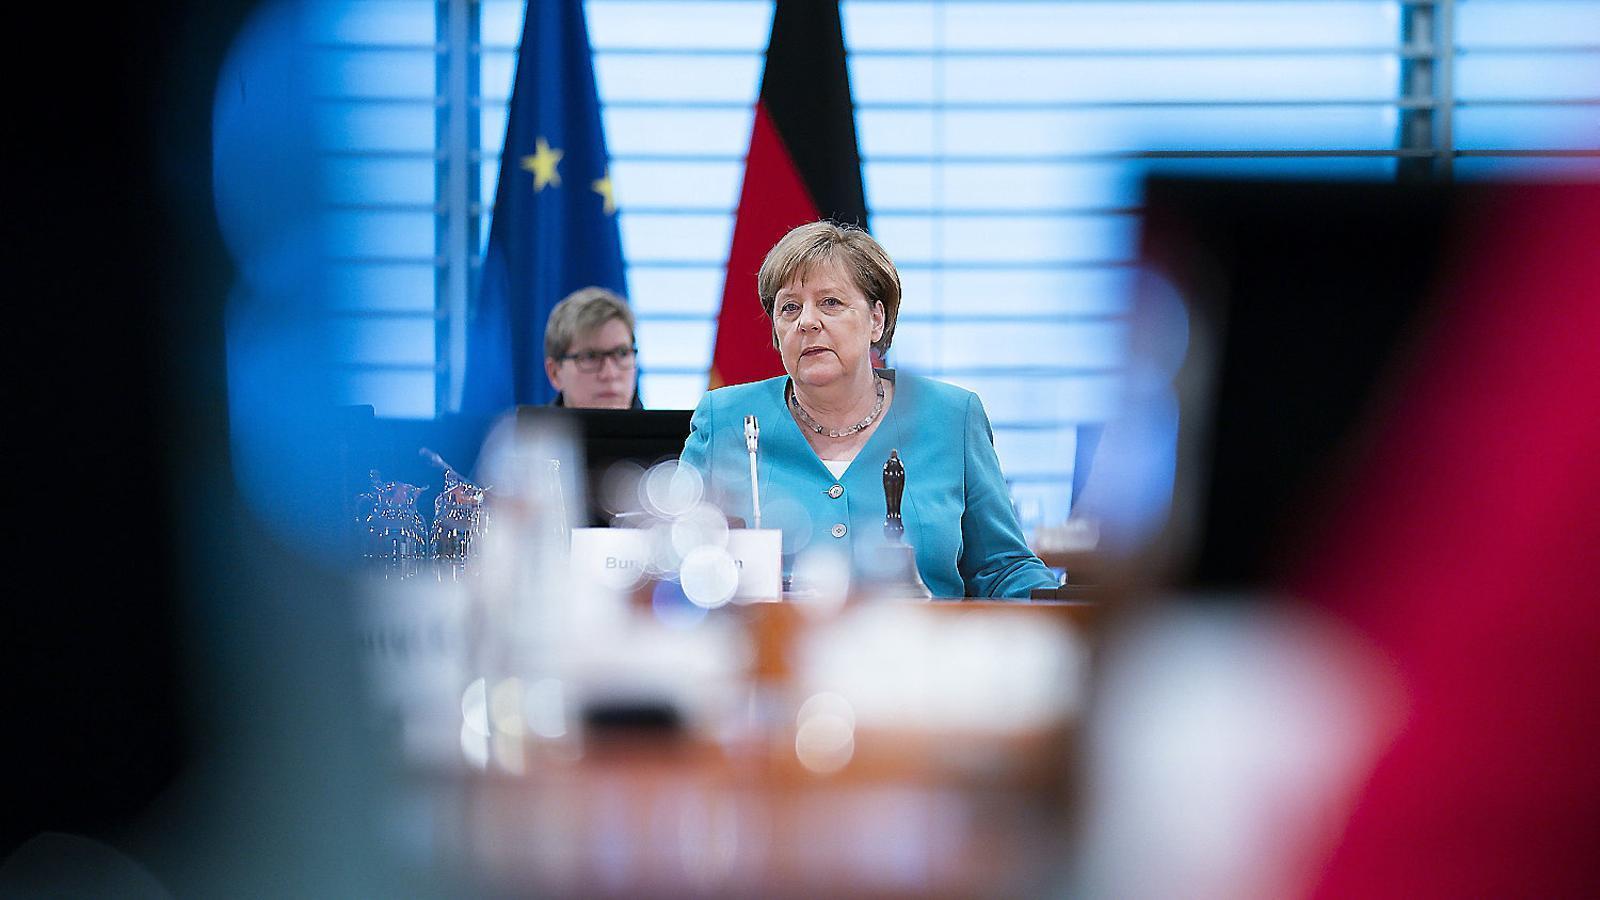 La cancellera Merkel intervenint a la reunió setmanal del seu govern, el 17 de juny a Berlín.